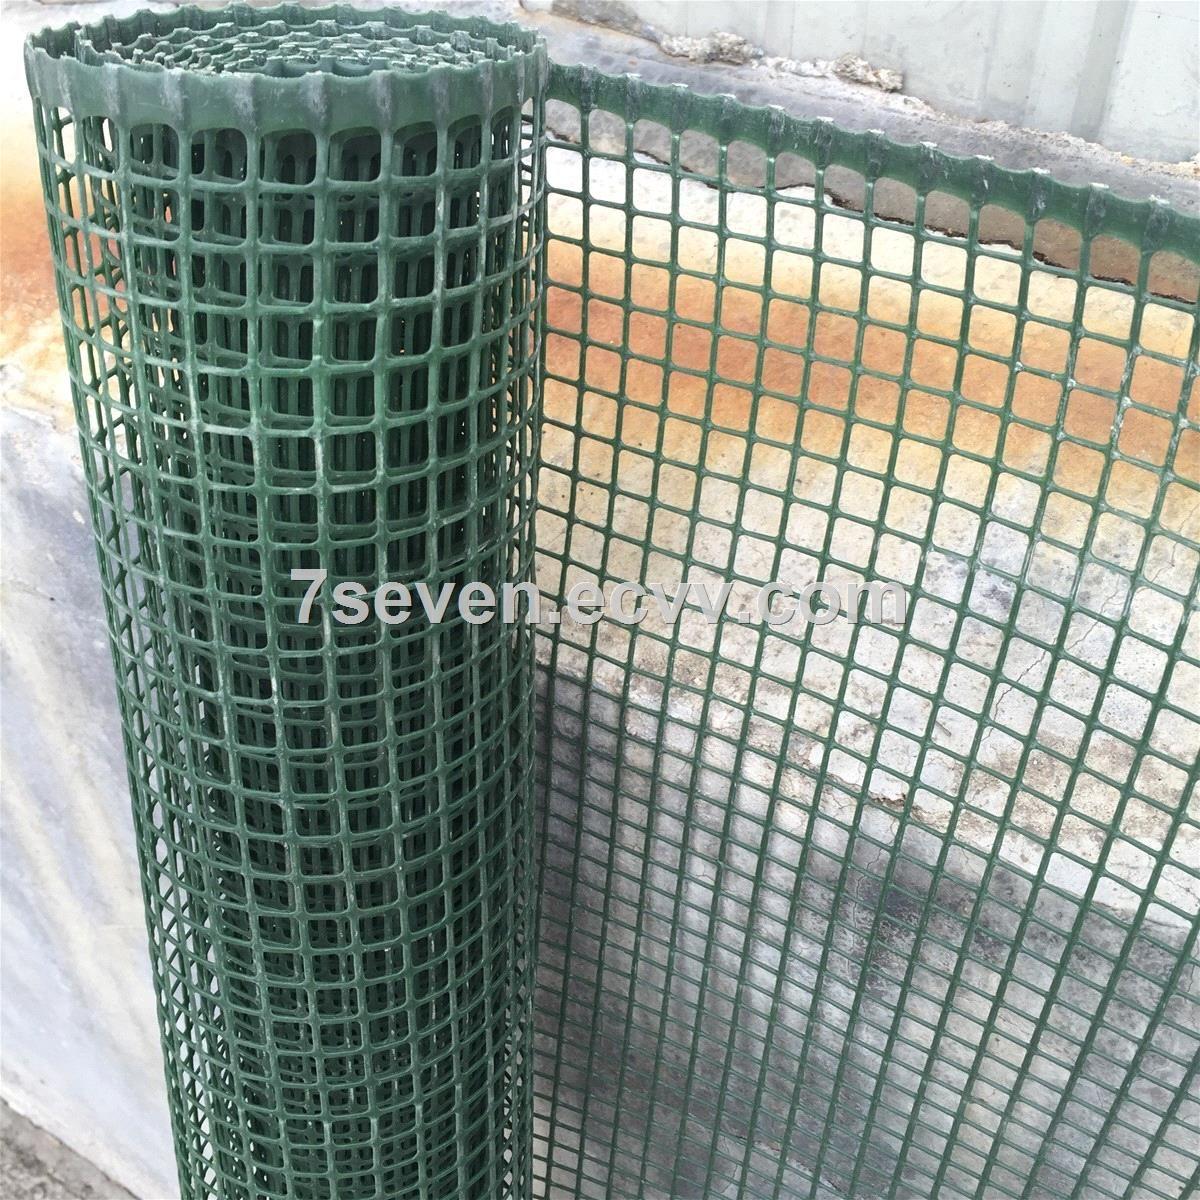 Garden Squsre Mesh Plastic Square Netting Fence Ss198517 China Plastic Nets Garden Mesh Plastic Netting Mesh 7 Seven Garden Mesh Fence Square